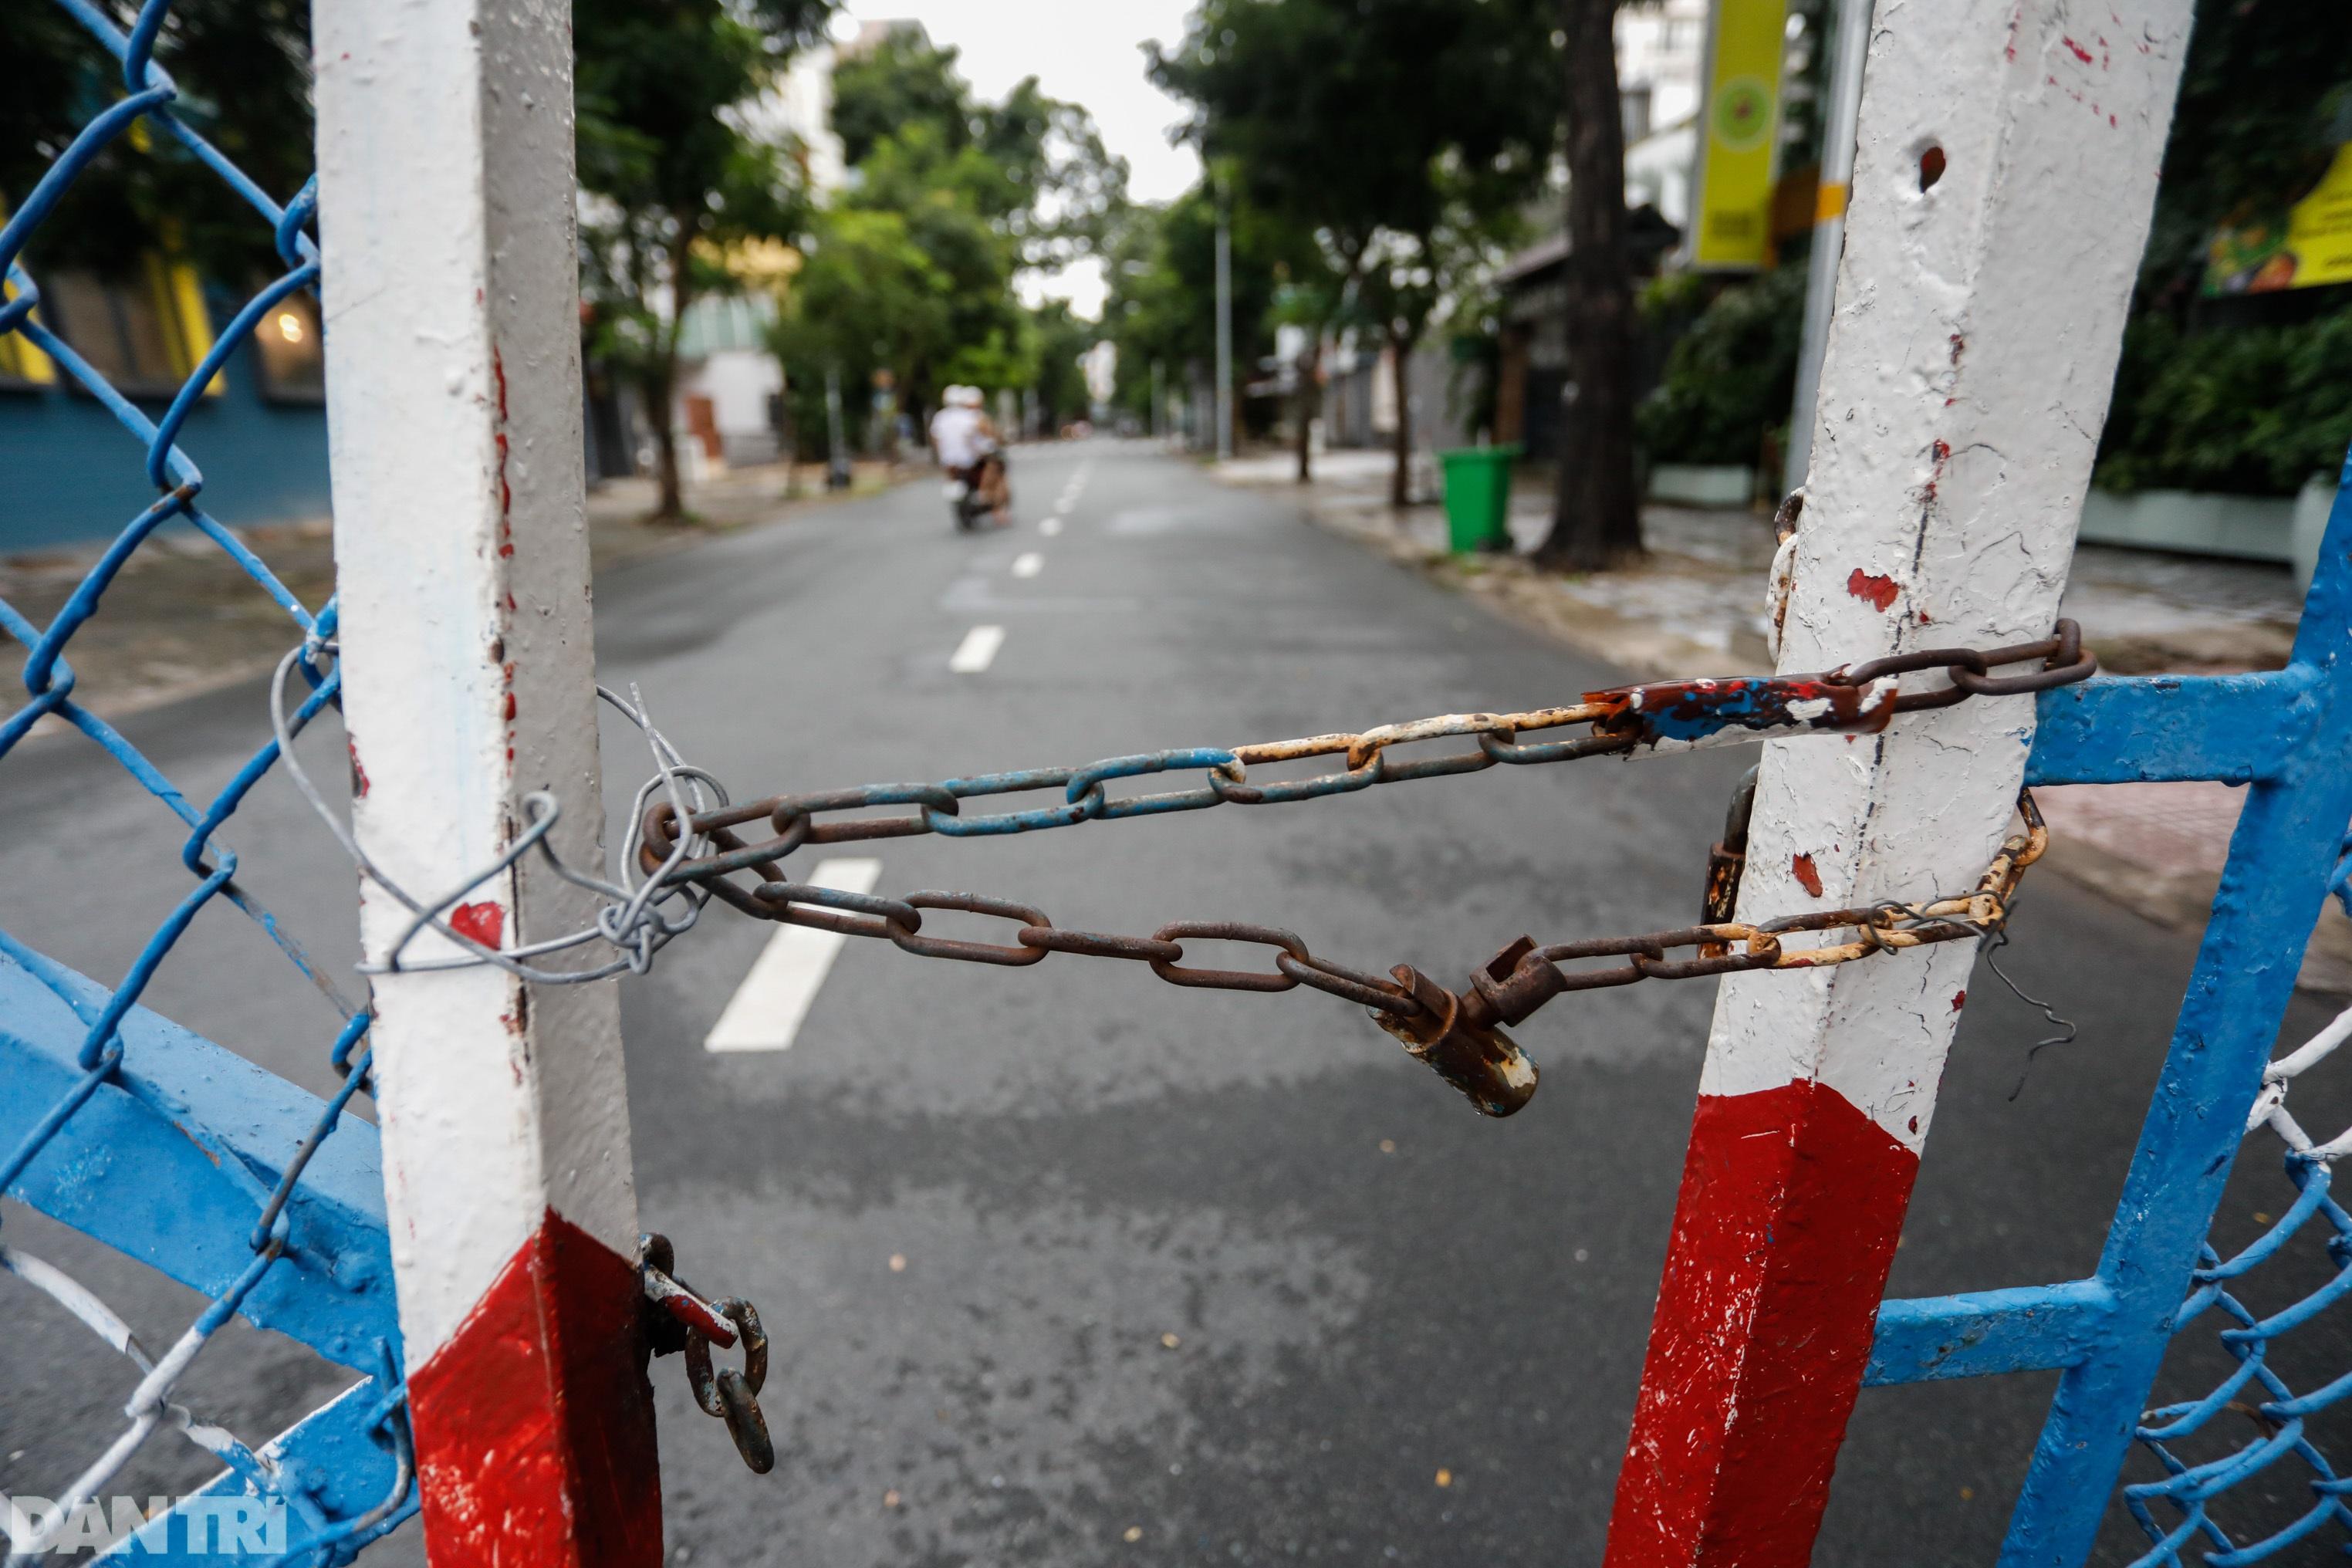 Hẻm nhỏ ở TPHCM dỡ chốt phong tỏa, đường lớn vẫn rào chắn kín mít - 13